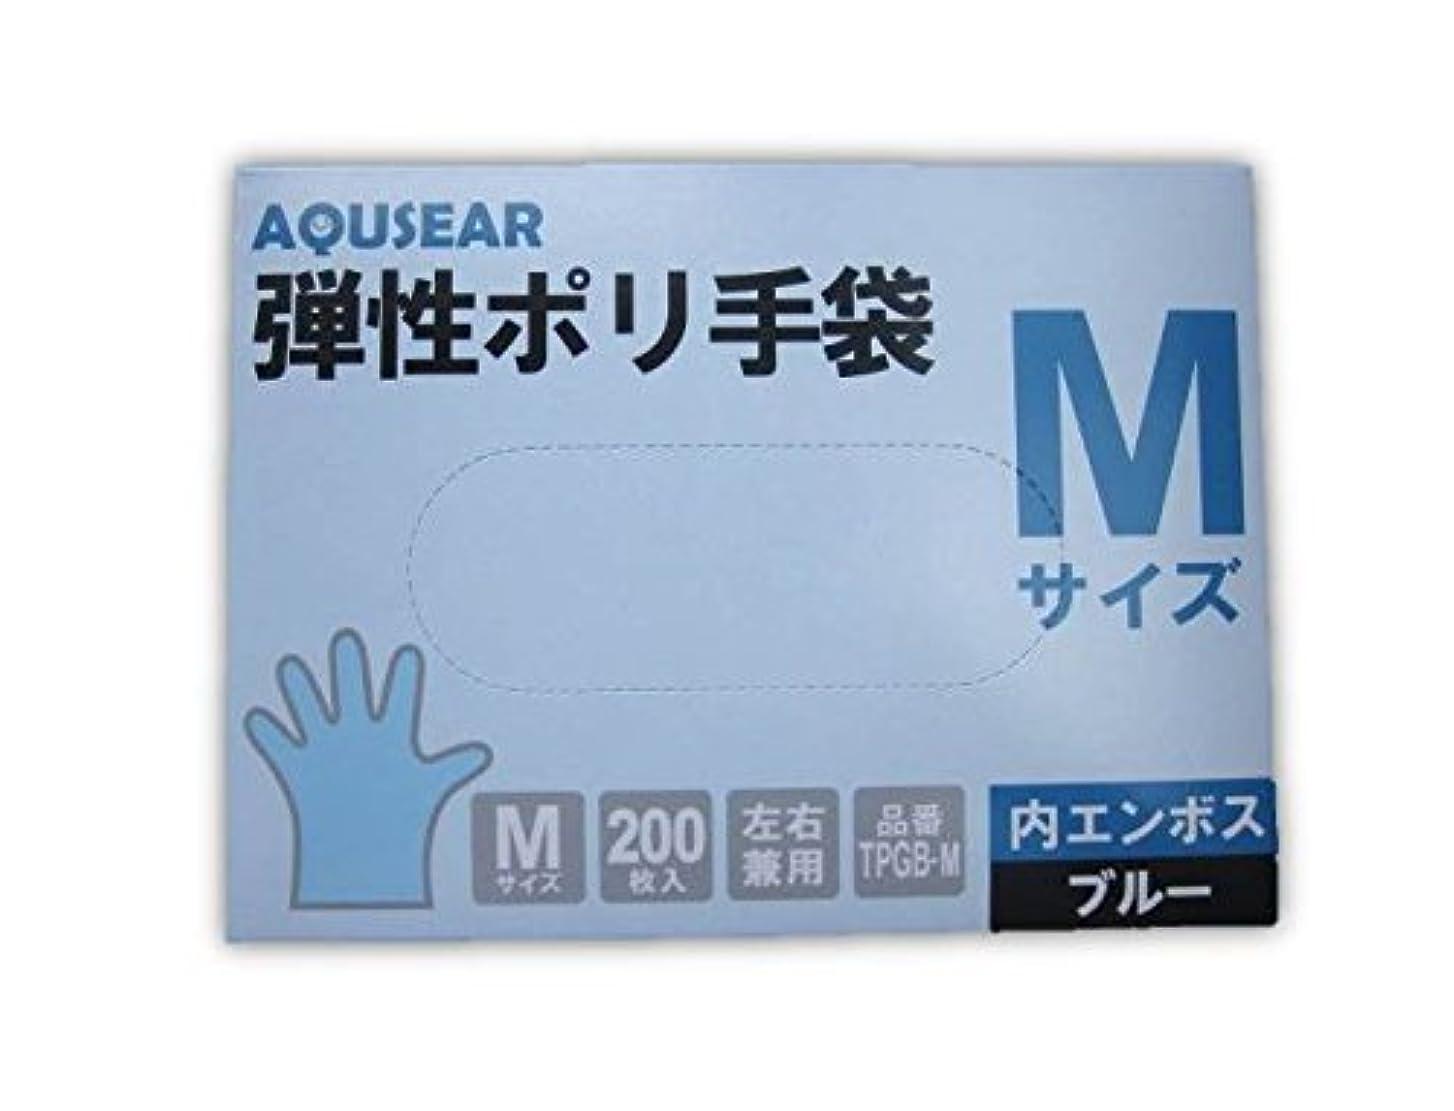 薬局食べるめるAQUSEAR 弾性ポリ手袋 内エンボス ブルー Mサイズ TPGB-M 1ケース4,000枚(200枚×20箱)